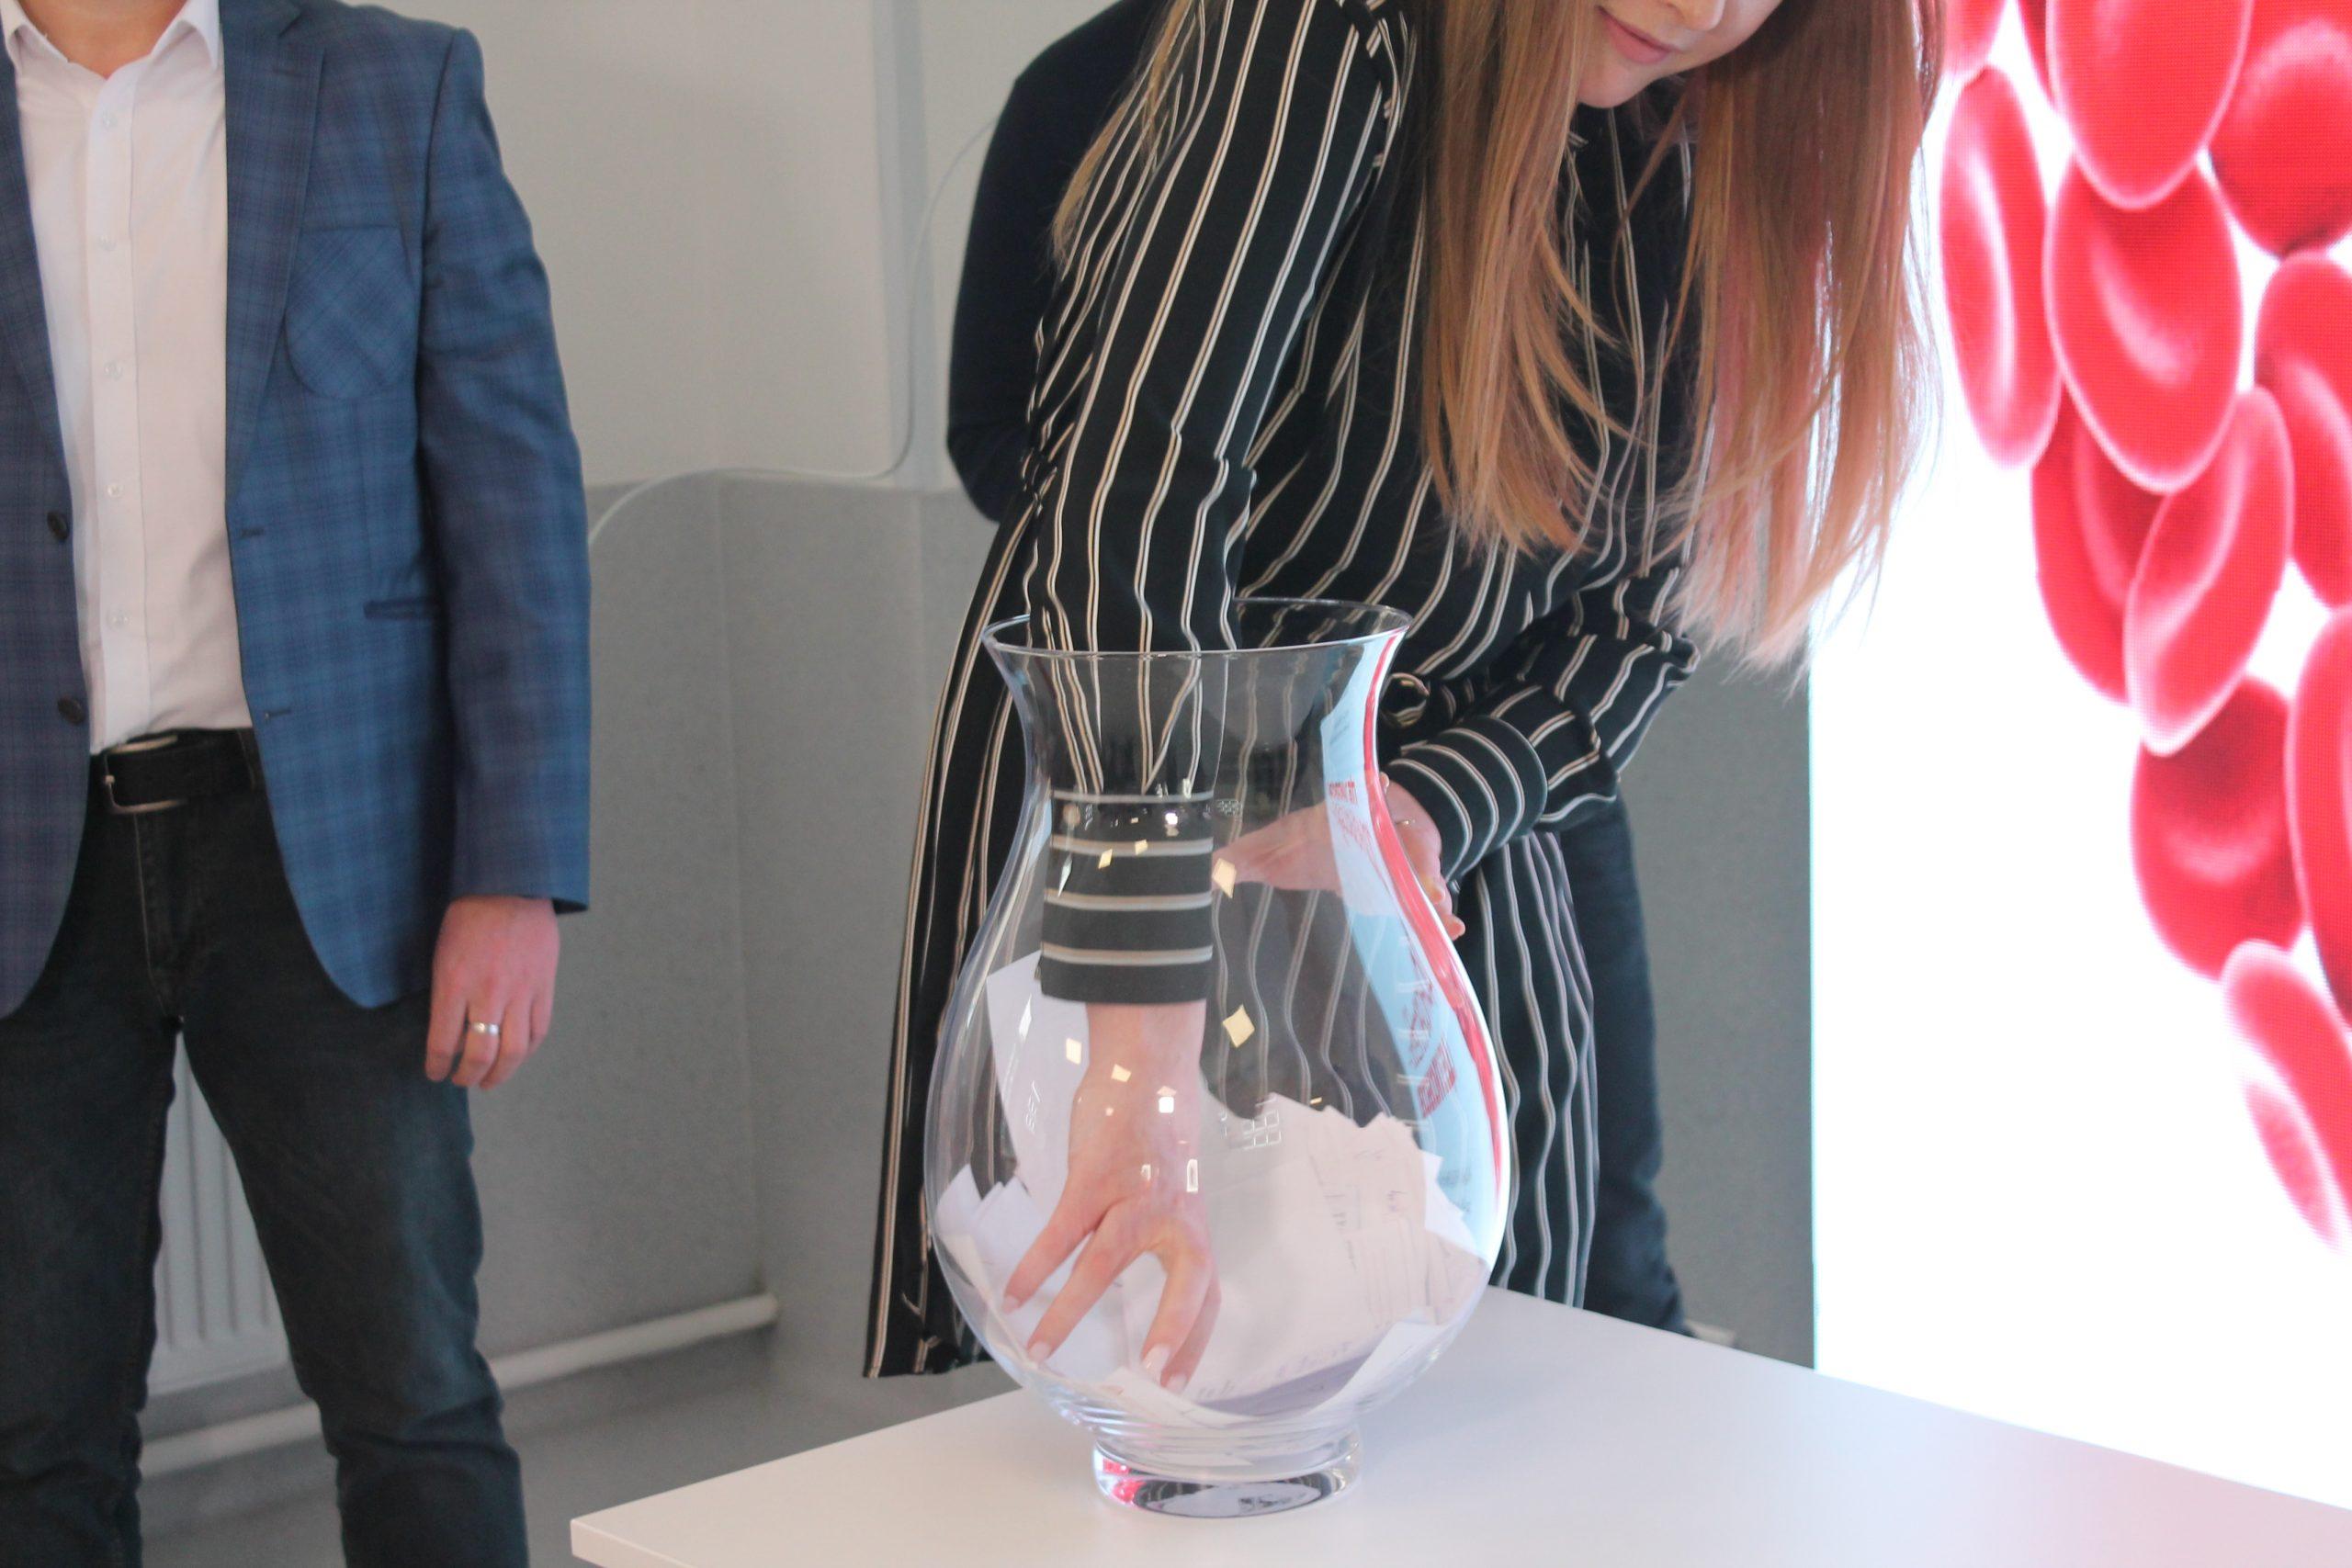 У Черкасах відбувся розіграш подарунків для донорів від «Biopharma Plasma Черкаси» (ФОТОРЕПОРТАЖ)